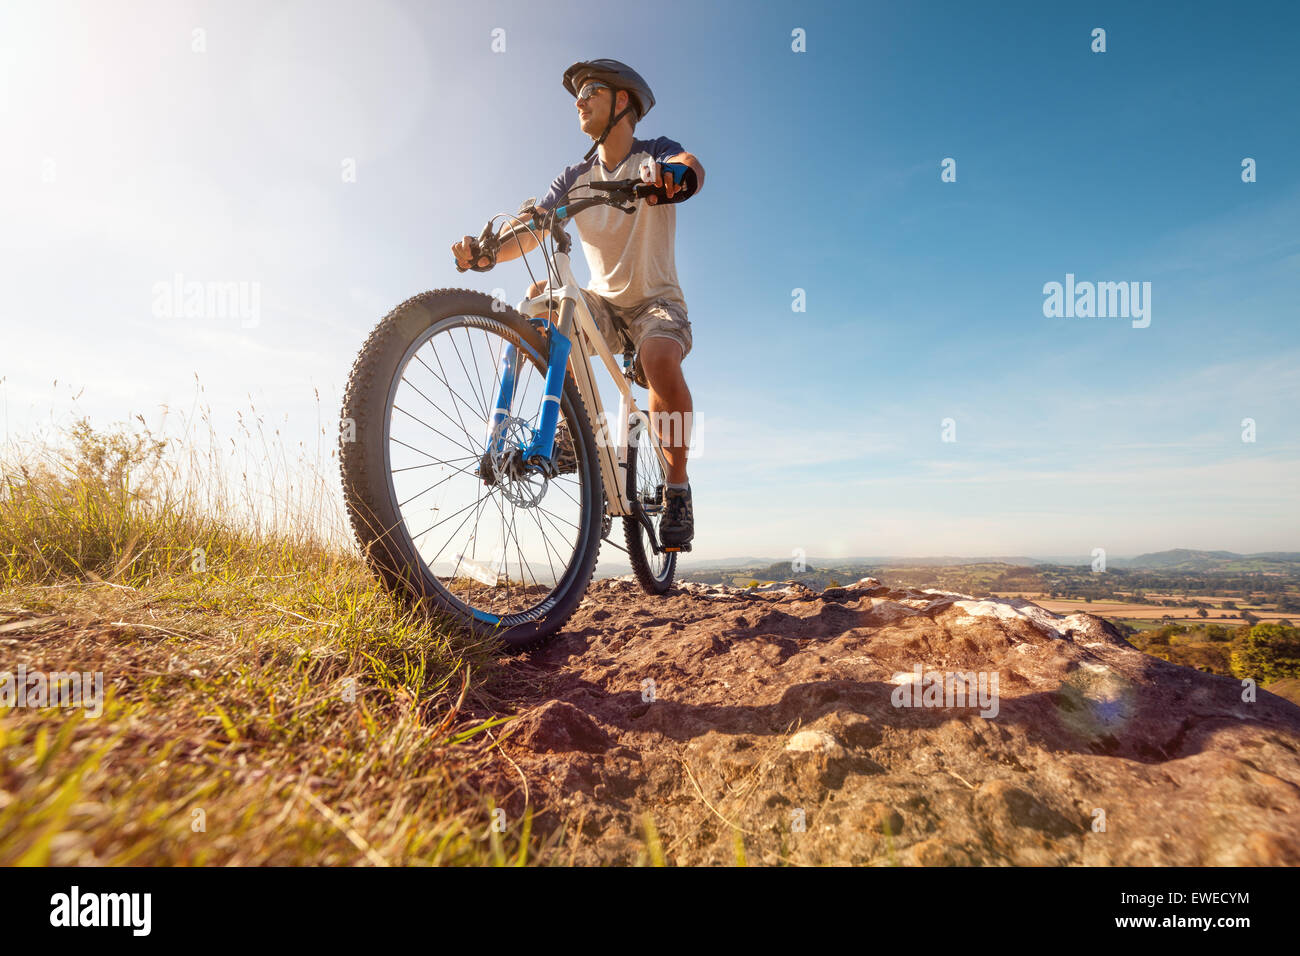 Mountainbiker in Aktion Stockbild